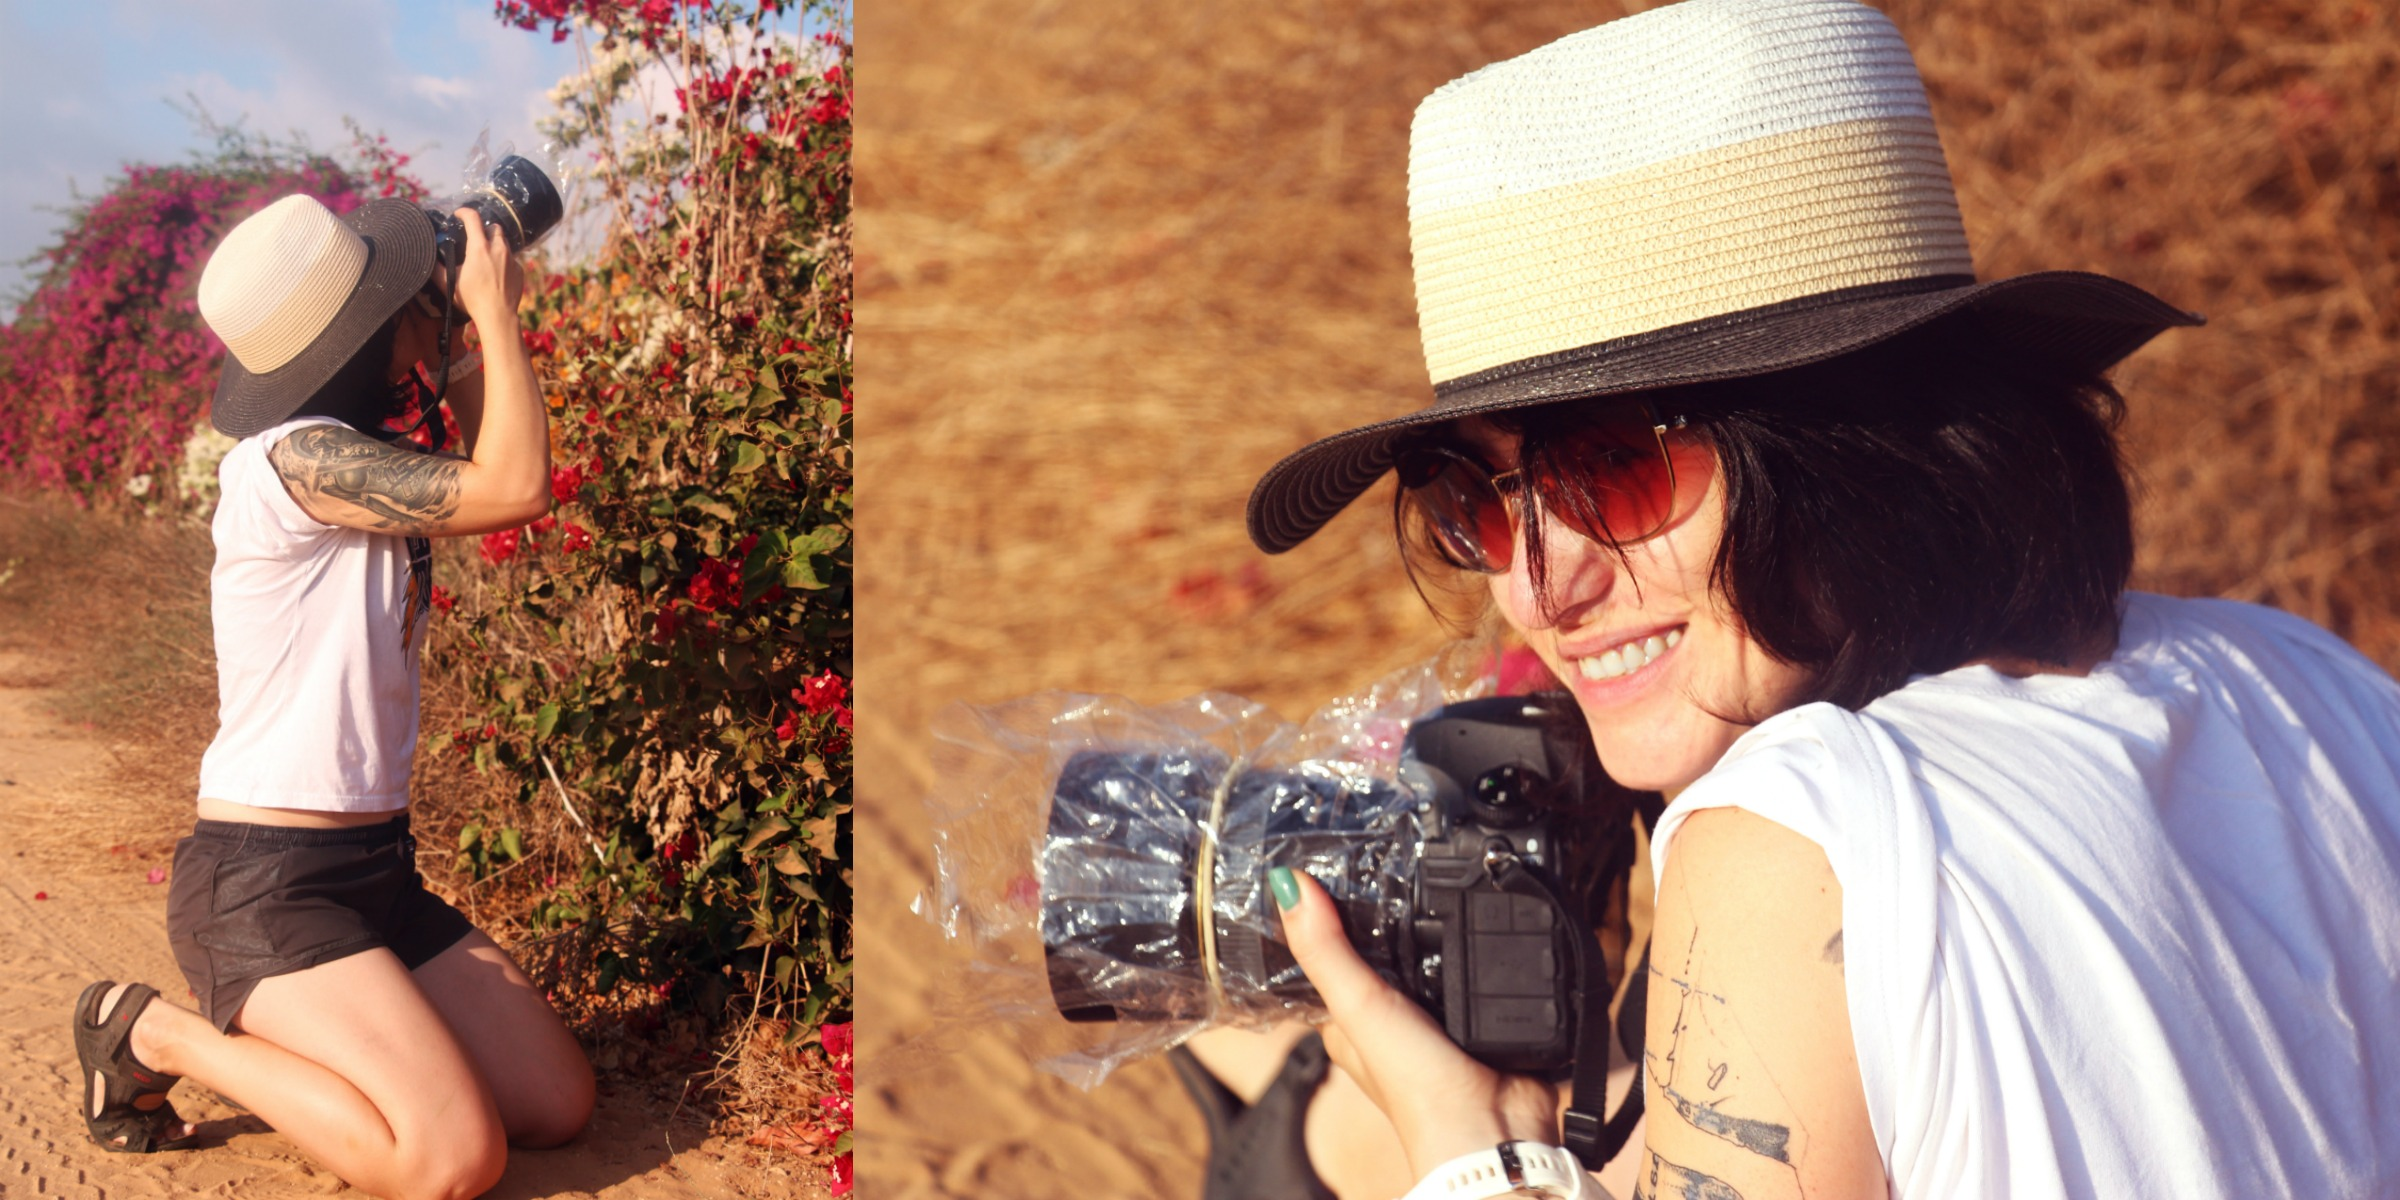 הצלמת טלי רצקר. מתוך הפוסט חיבוק של אדמה מהבלוג של תמרי סלונים ליבס tamariandme.com צילום : תמרי סלונים ליבס